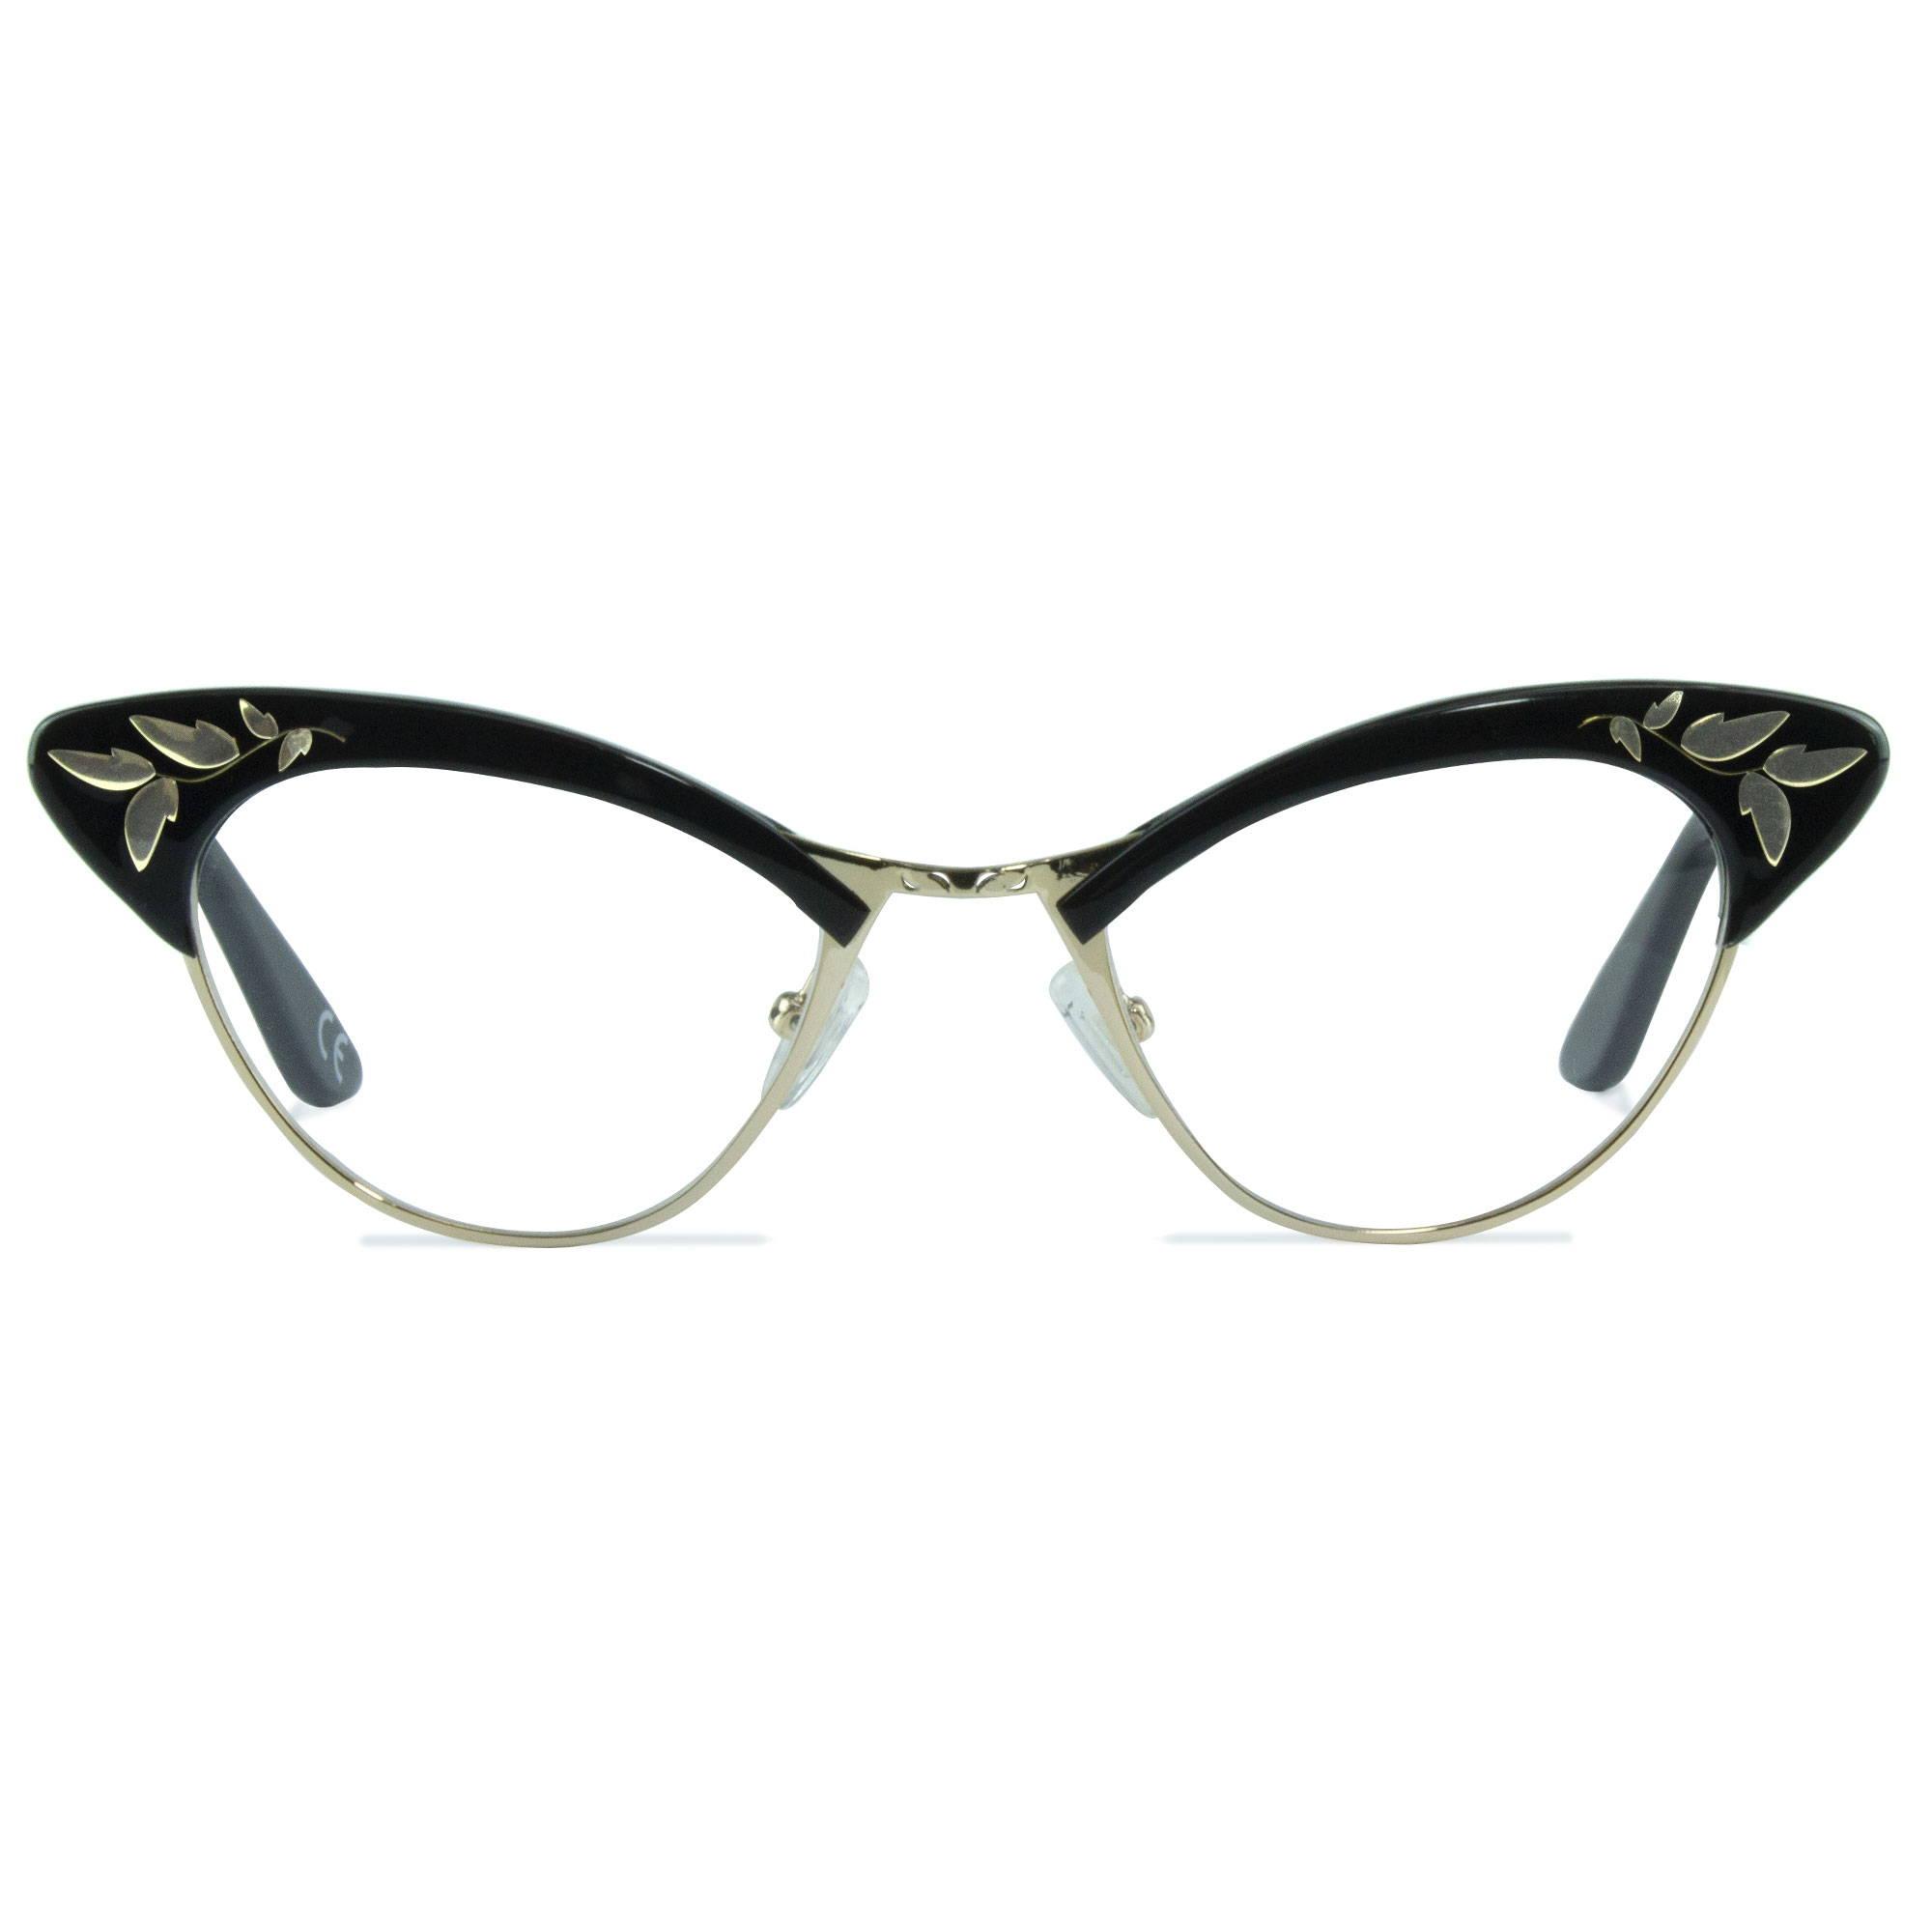 Joiuss rita black cat eye glasses